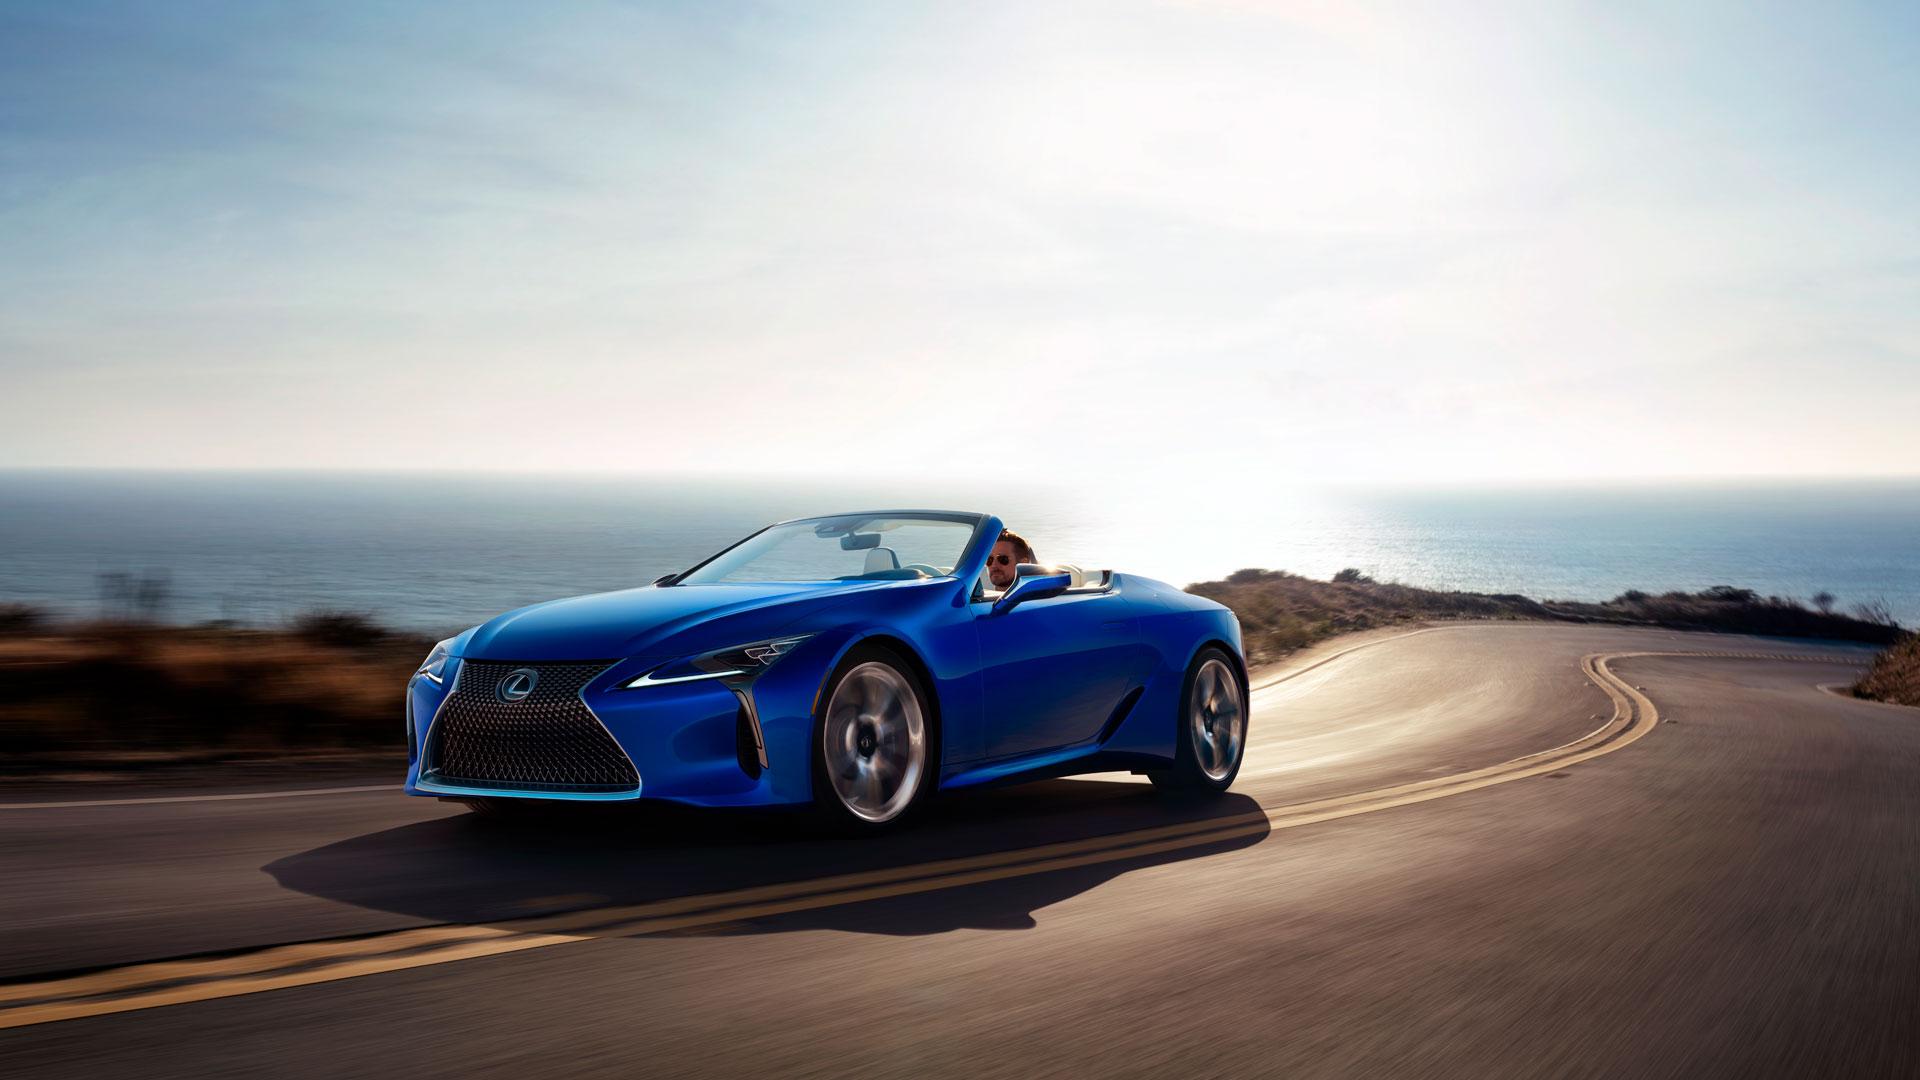 Lexus LC Cabrio belleza definitiva hero asset